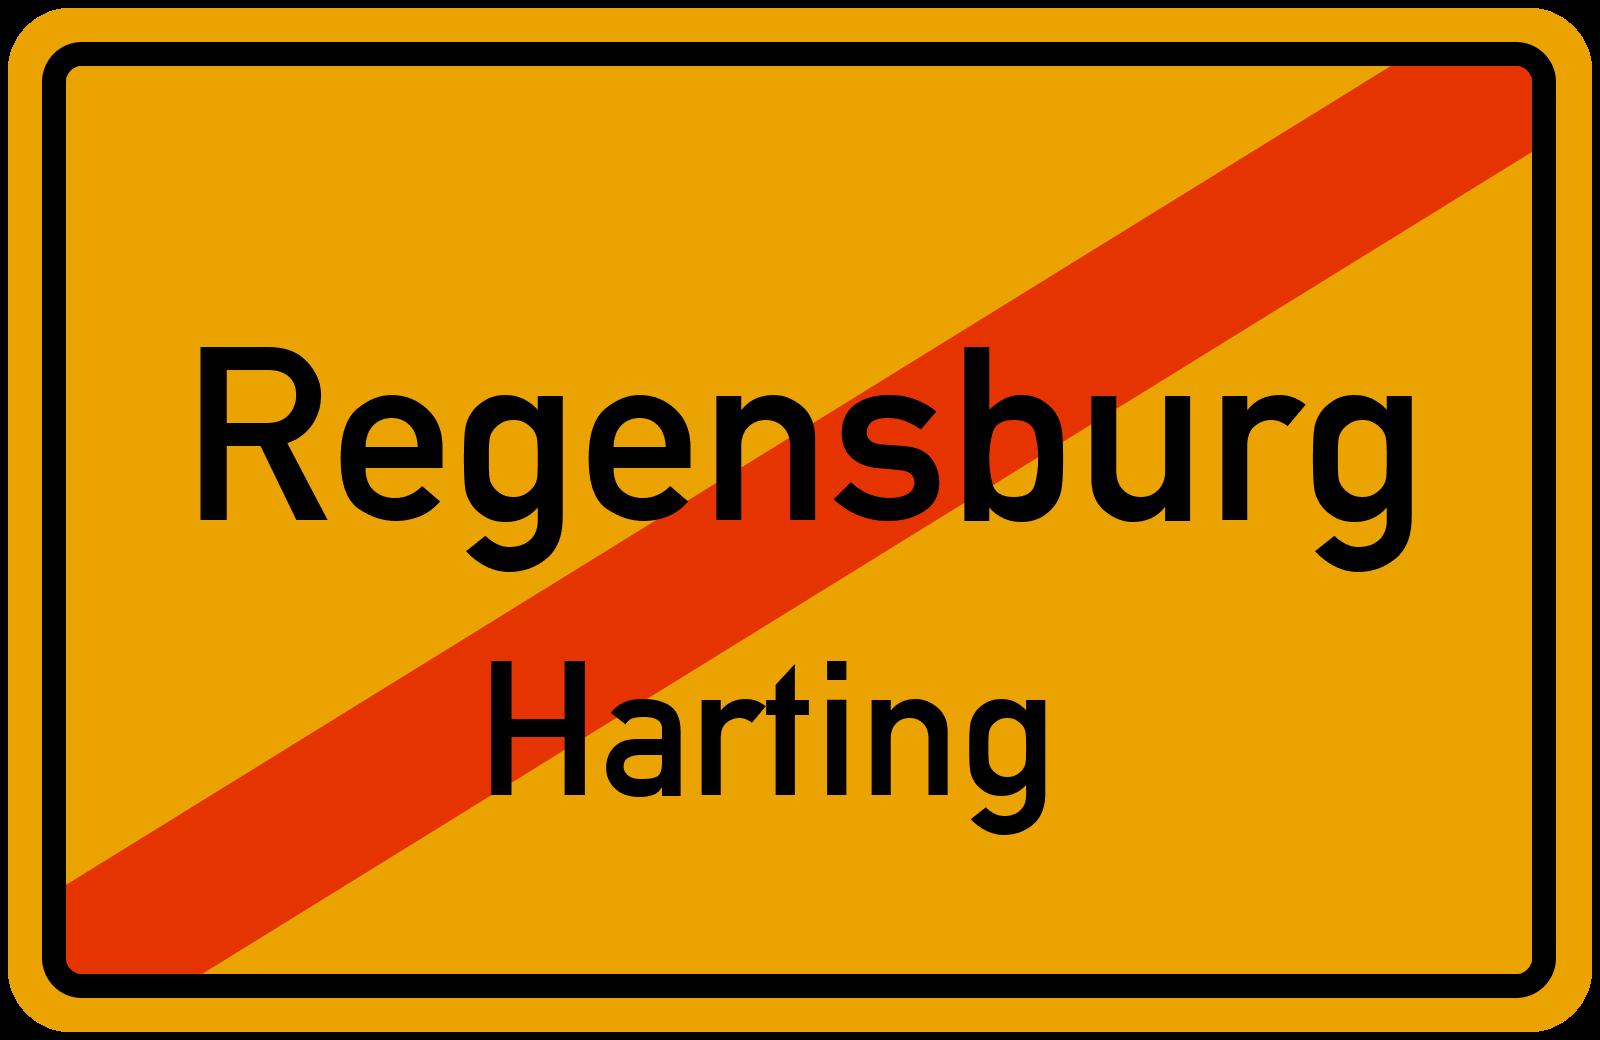 Harting Regensburg